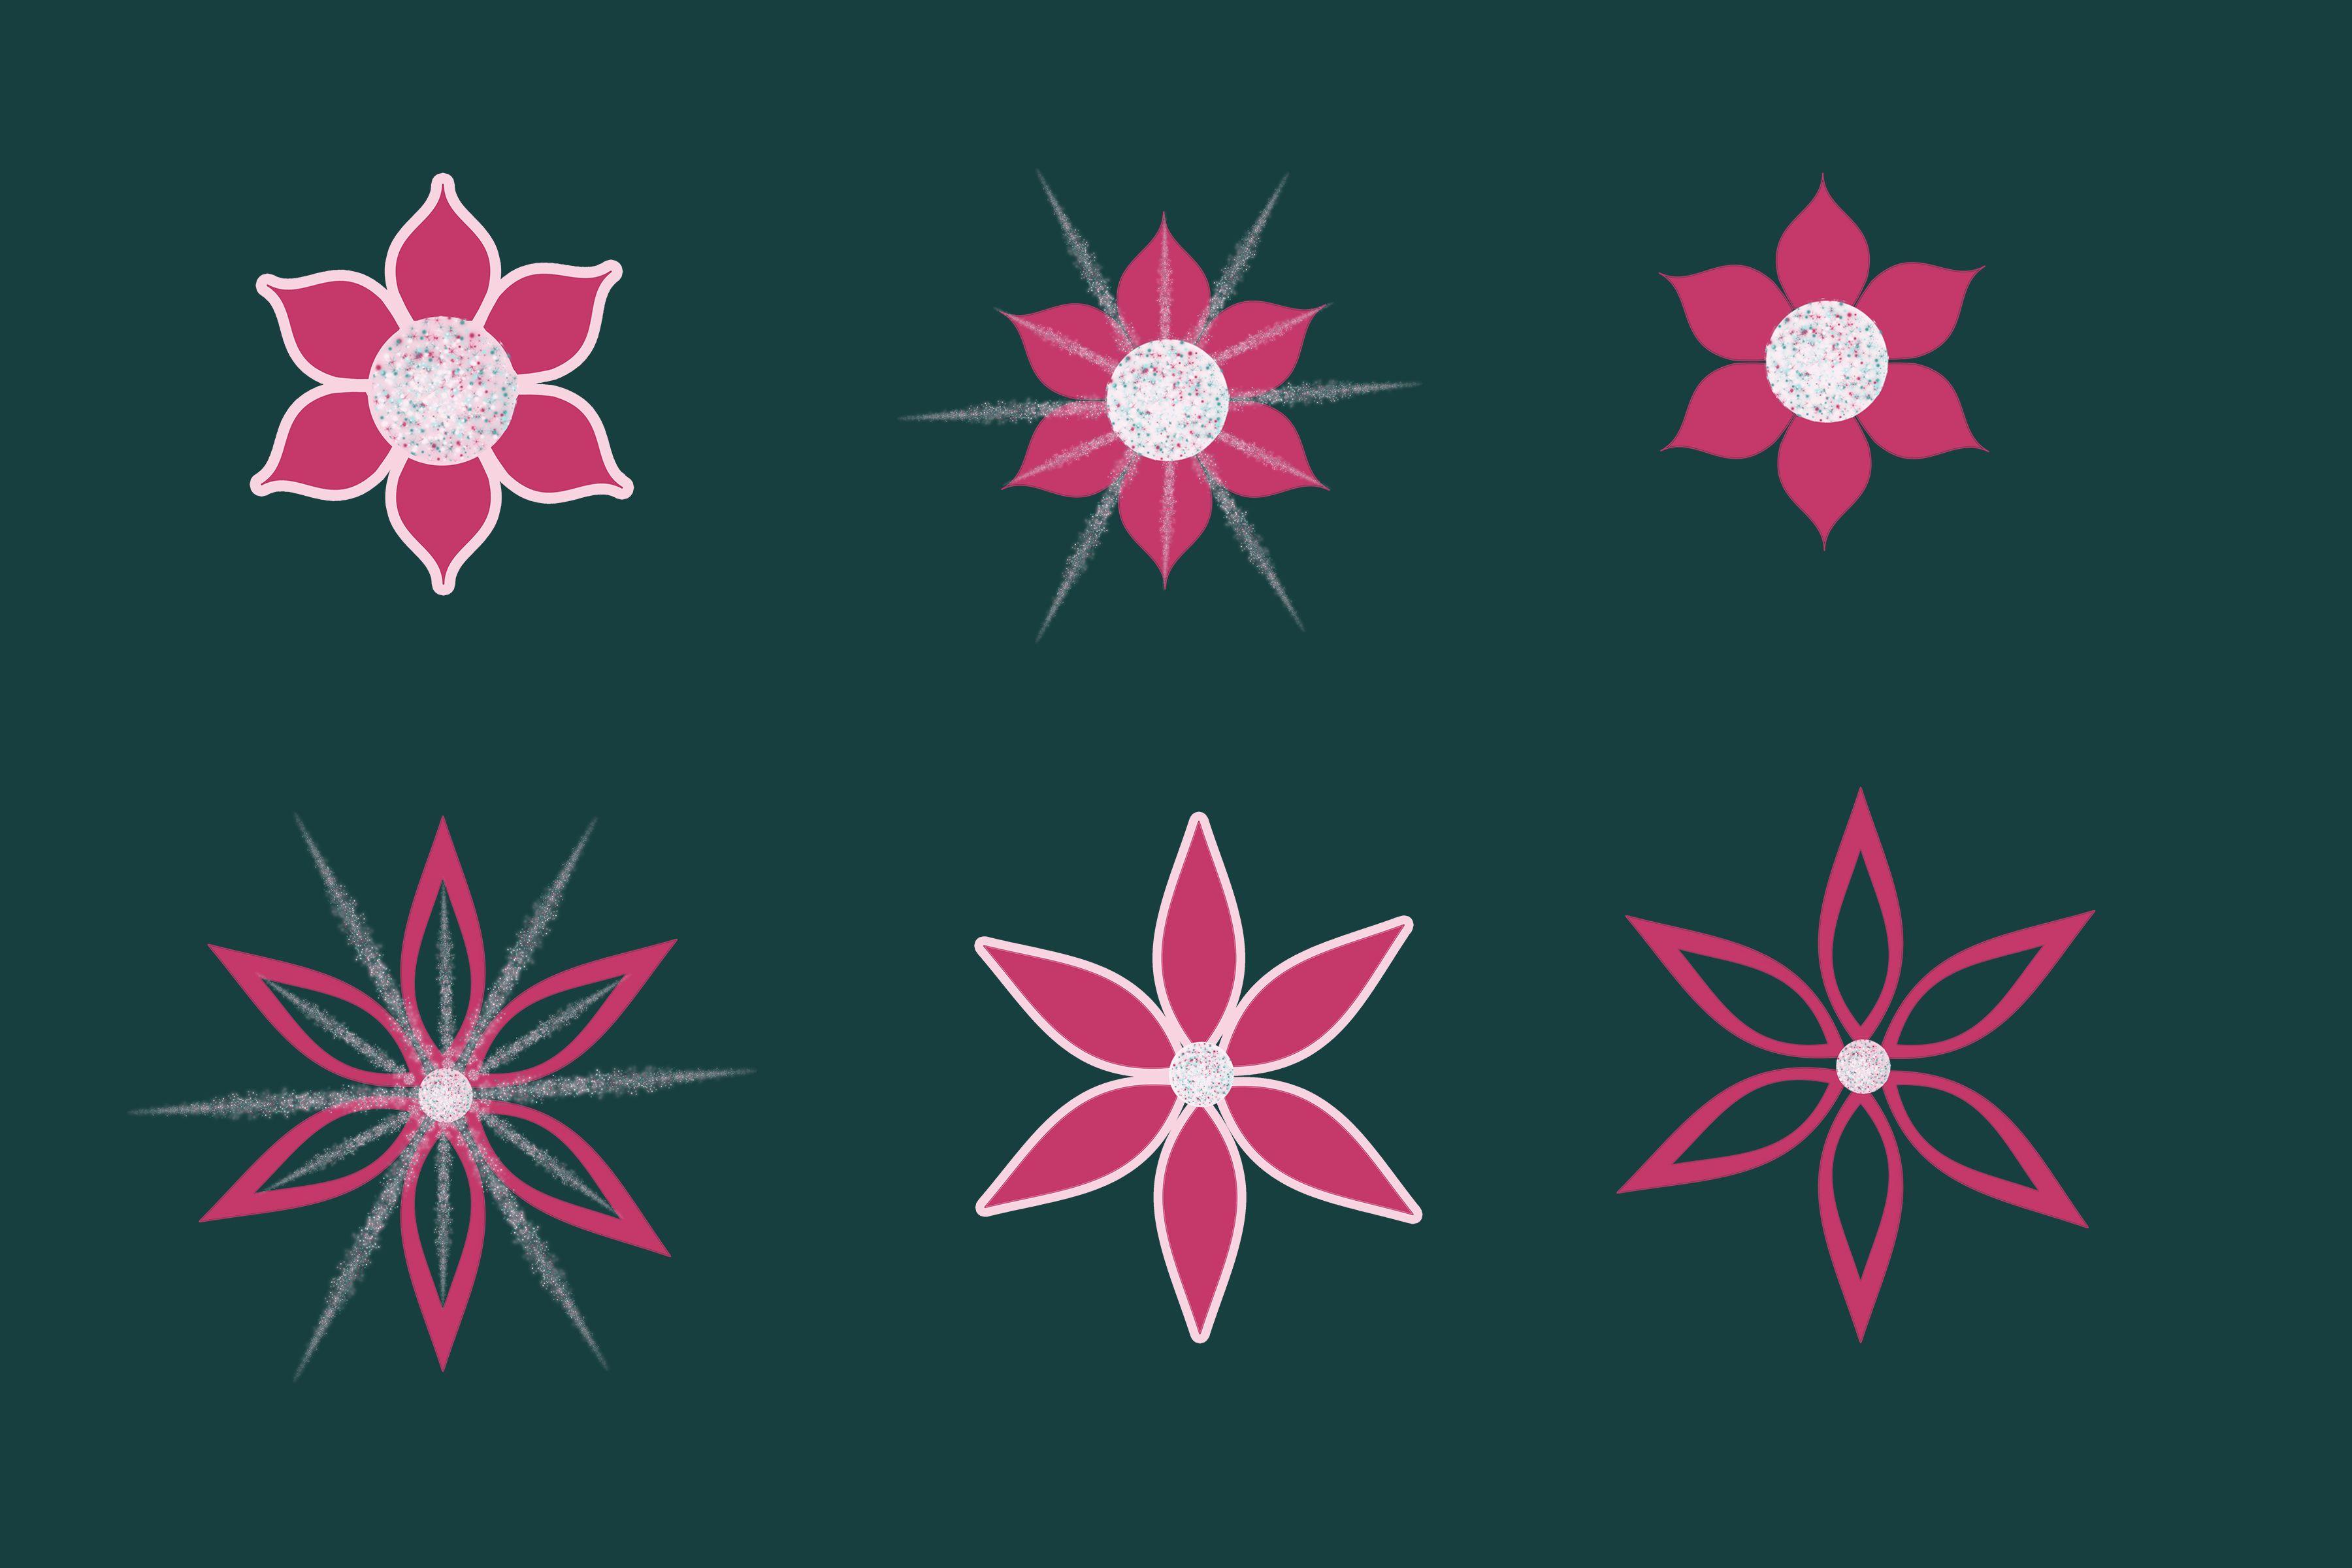 6 Pink Frozen Fever Flower Overlays Festa Frozen Fever Festa